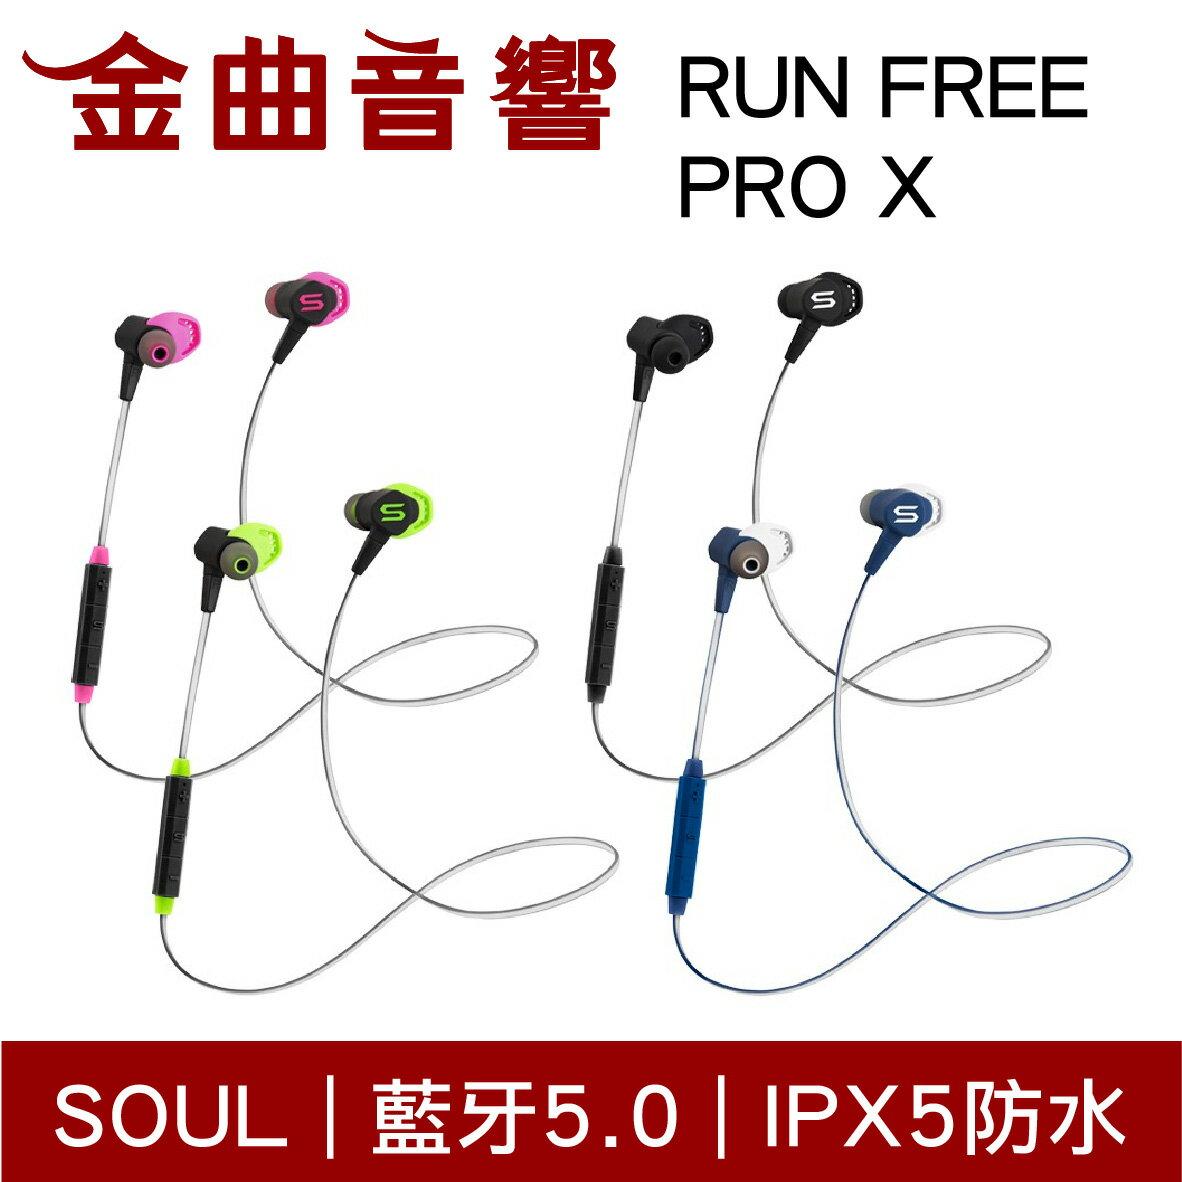 SOUL RUN FREE PRO X 黑色 運動型 防水 藍芽 耳機 金曲音響